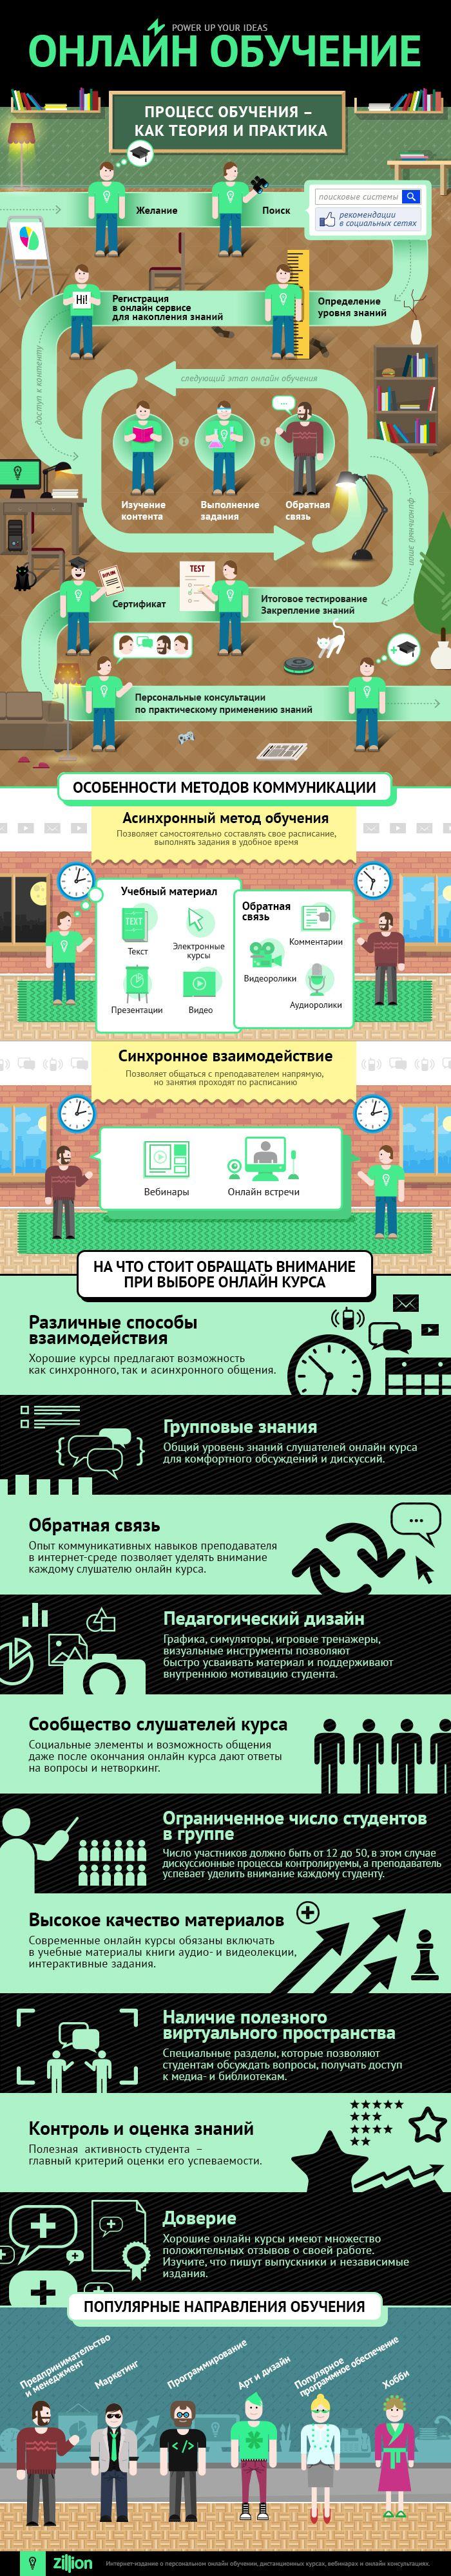 http://zillion.net/ru/blog/39/protsiess-onlain-obuchieniia-kak-tieoriia-i-praktika Zillion проанализировал существующие подходы к онлайн обучению. В результате получилась красочная инфографика, которая поможет при выборе онлайн курса.